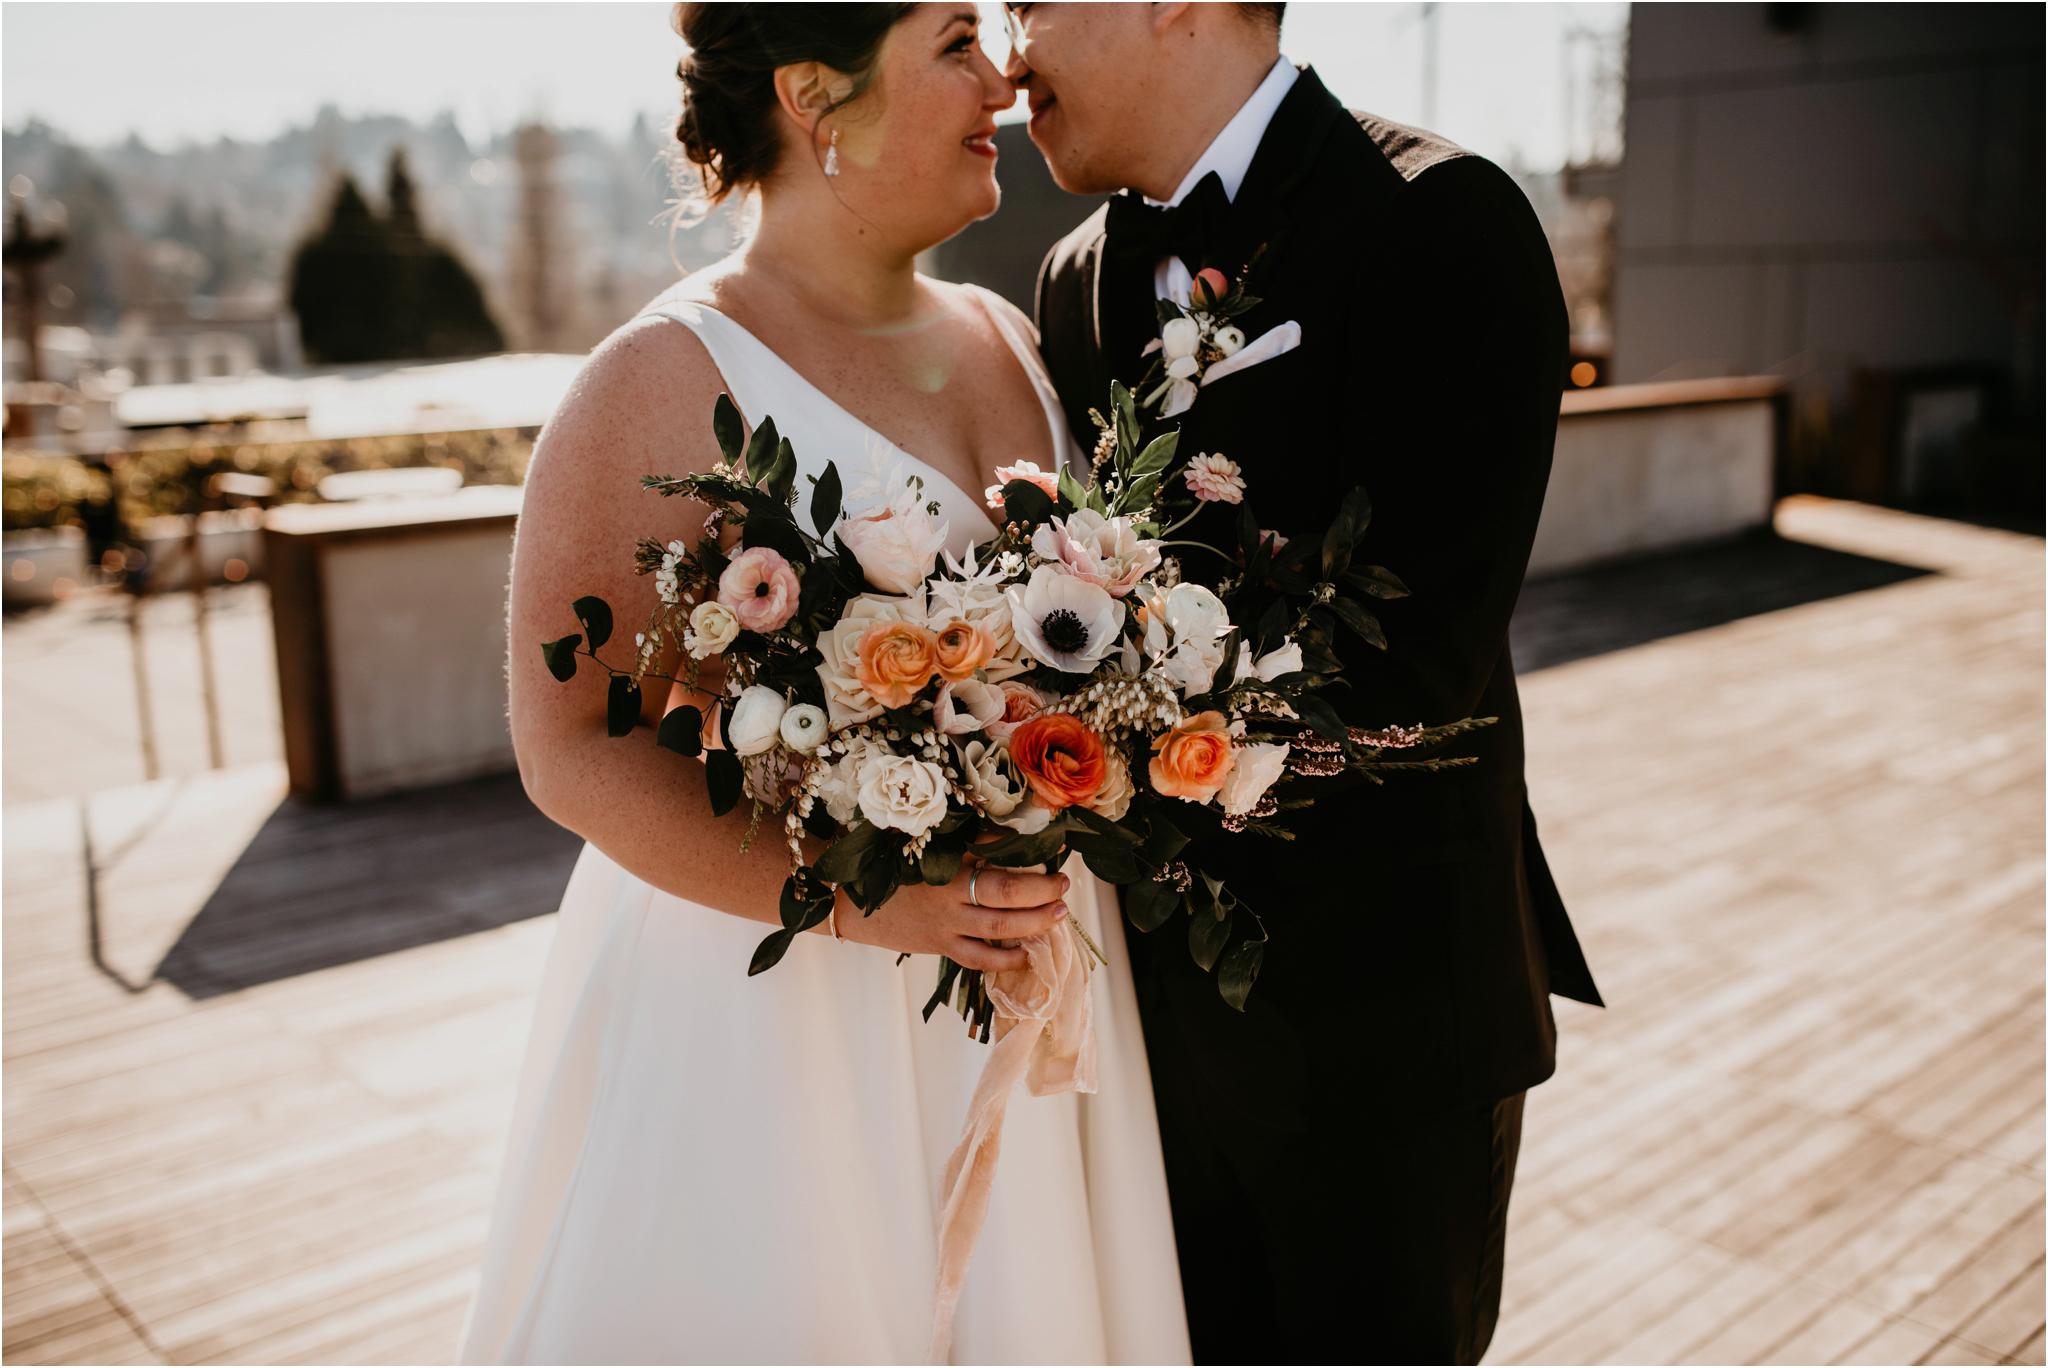 ashley-and-david-fremont-foundry-seattle-washington-wedding-photographer-040.jpg